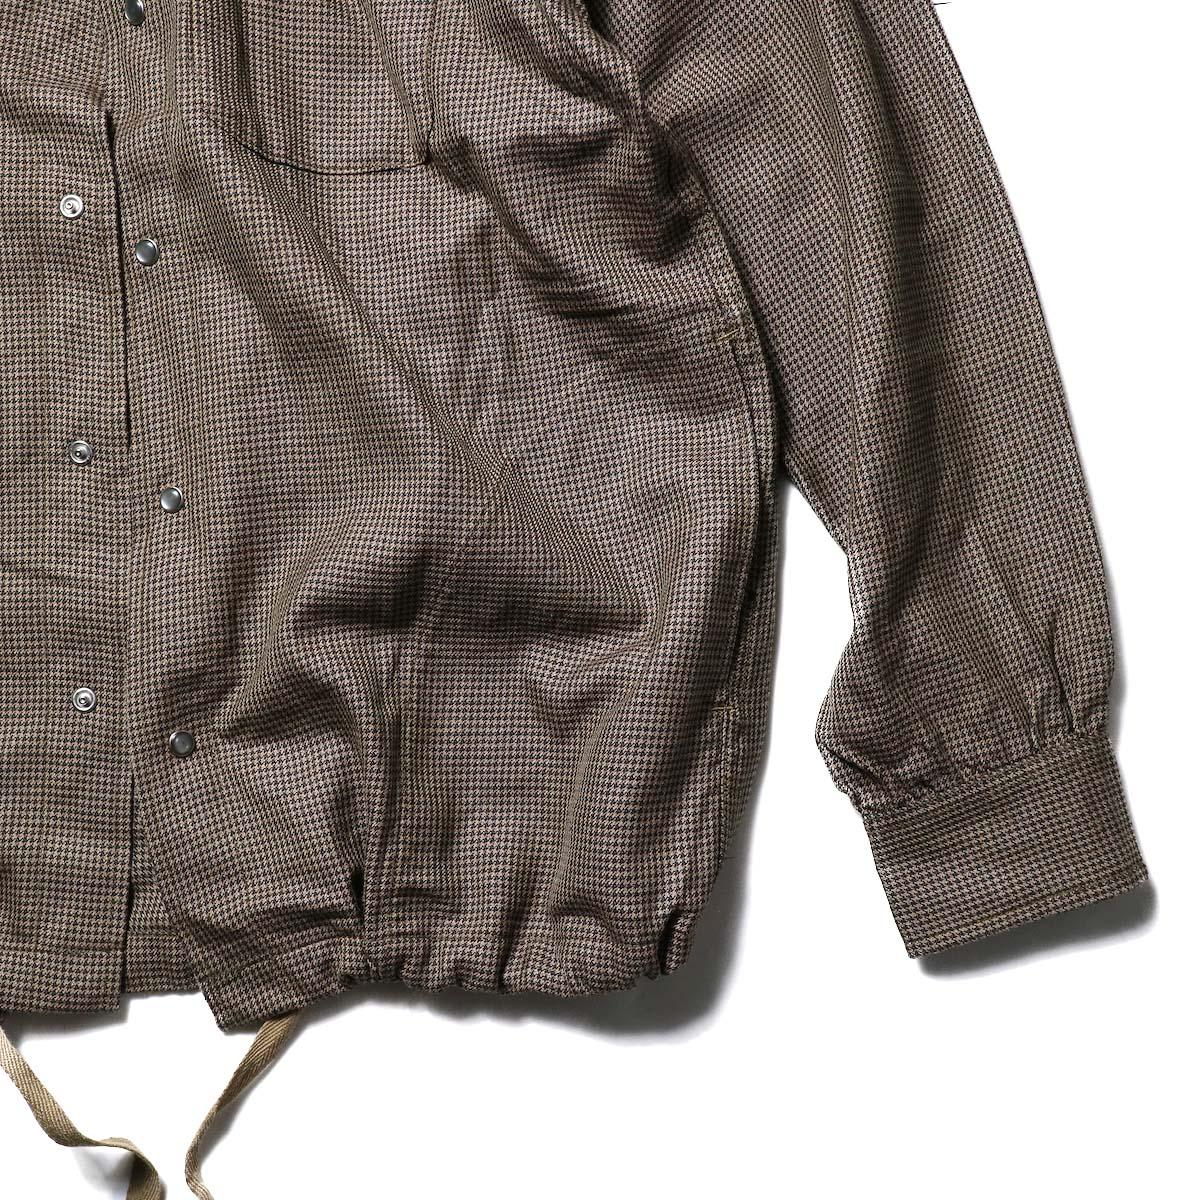 AiE / Coach Shirt -Wool Check (Brown)袖、裾